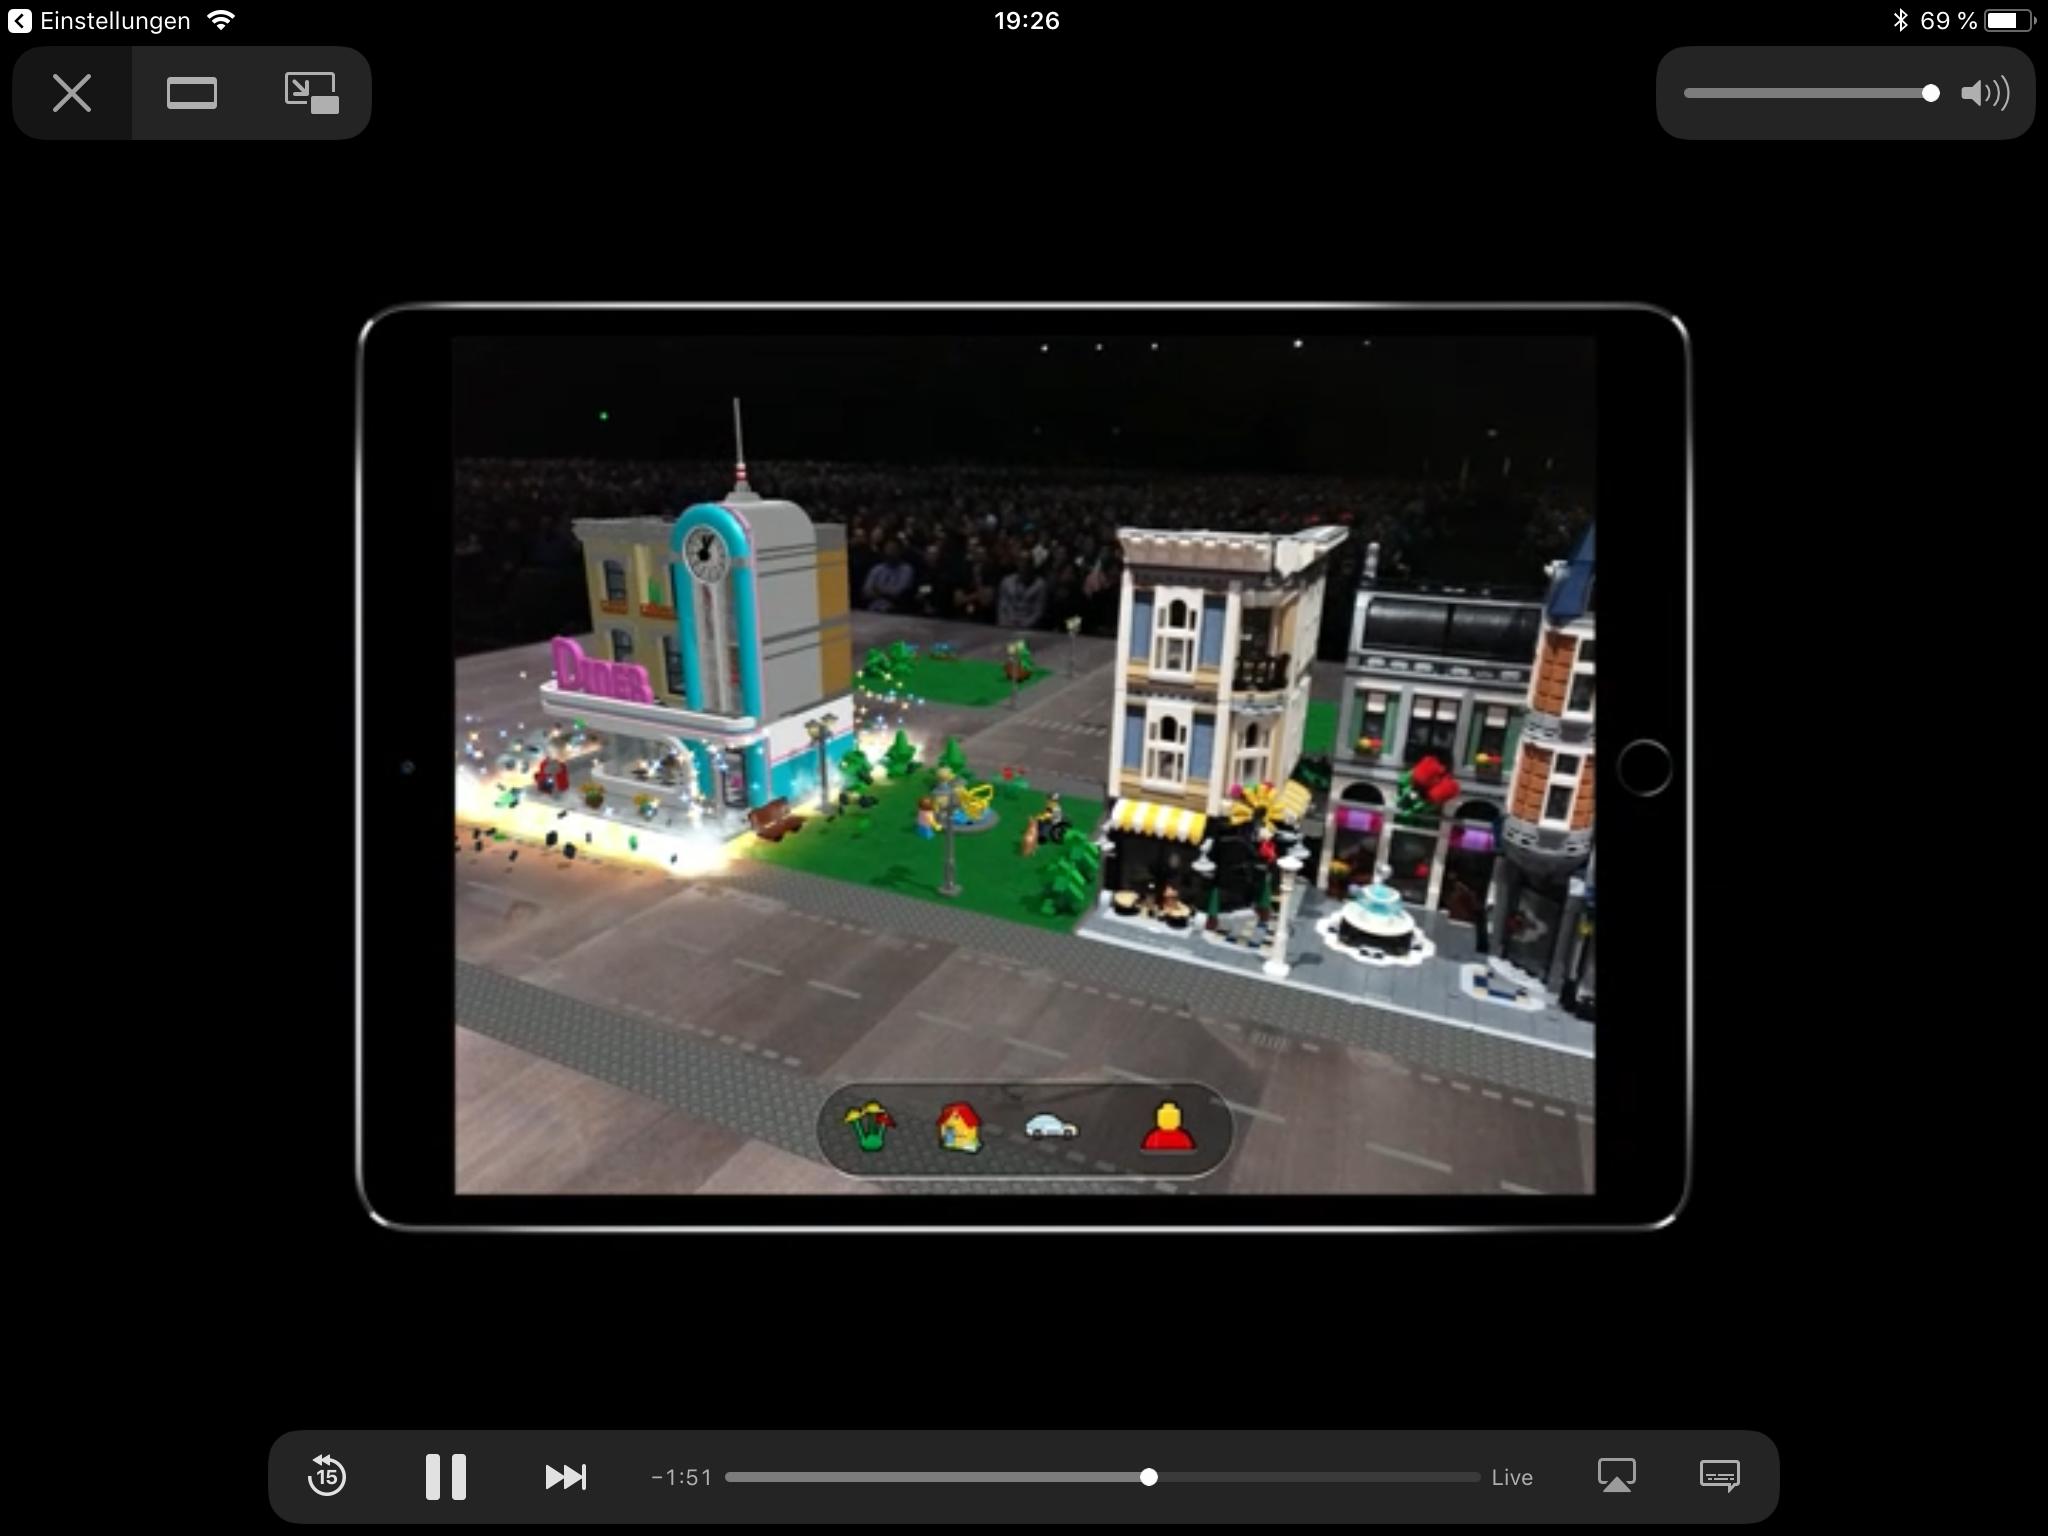 Iphone Entfernungsmesser Bedienungsanleitung : Ios 12 ist da: alle neuen funktionen im Überblick handy.de